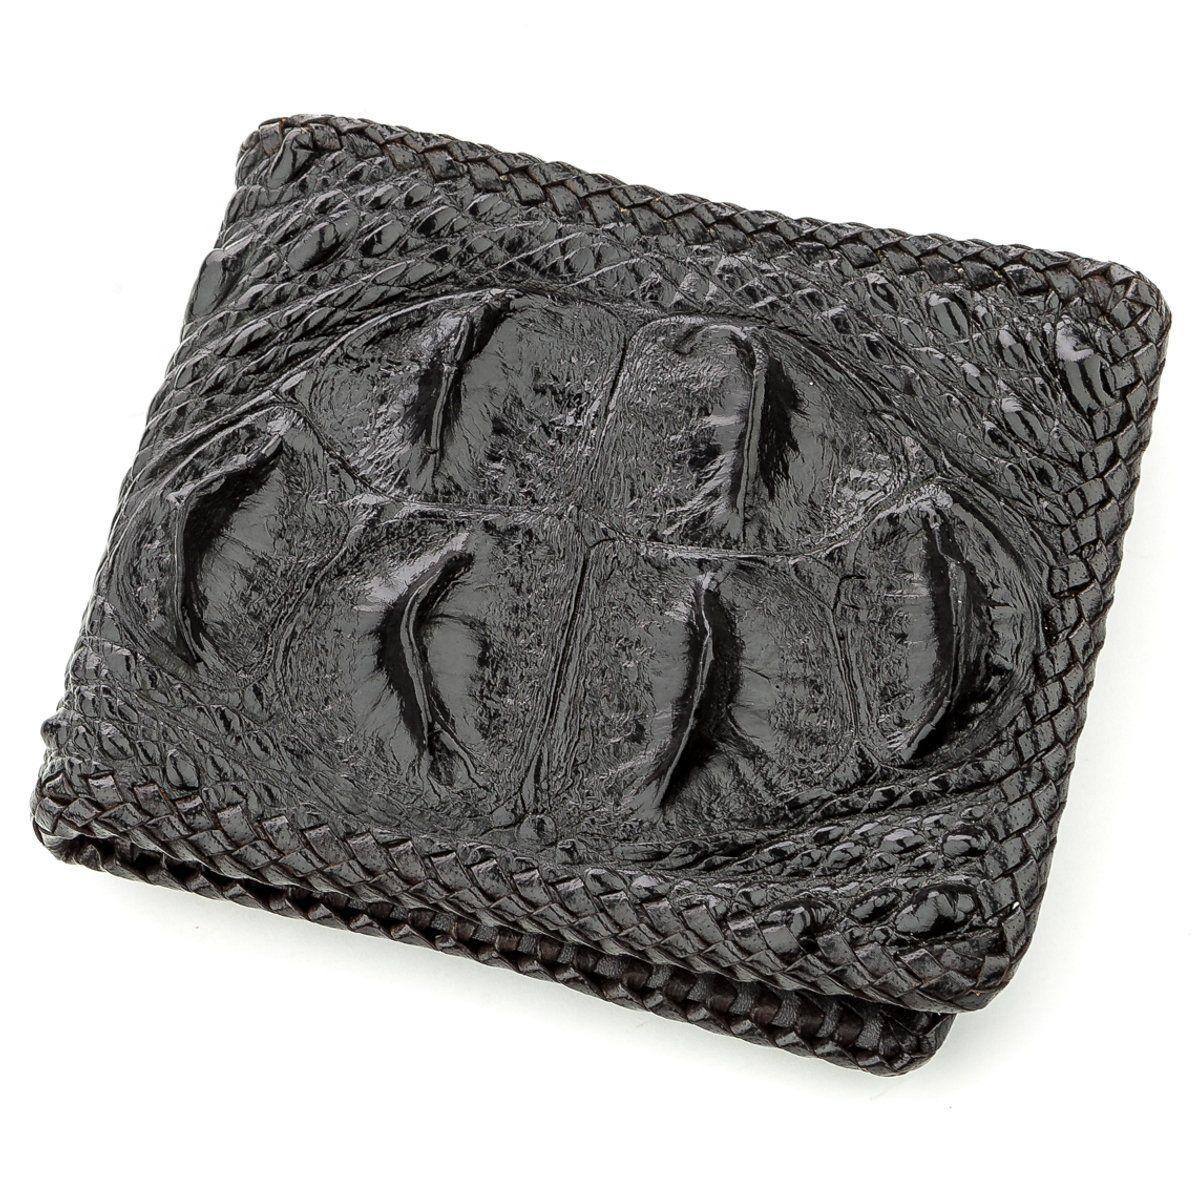 Бумажник мужской CROCODILE LEATHER 18580 из натуральной кожи крокодила Черный